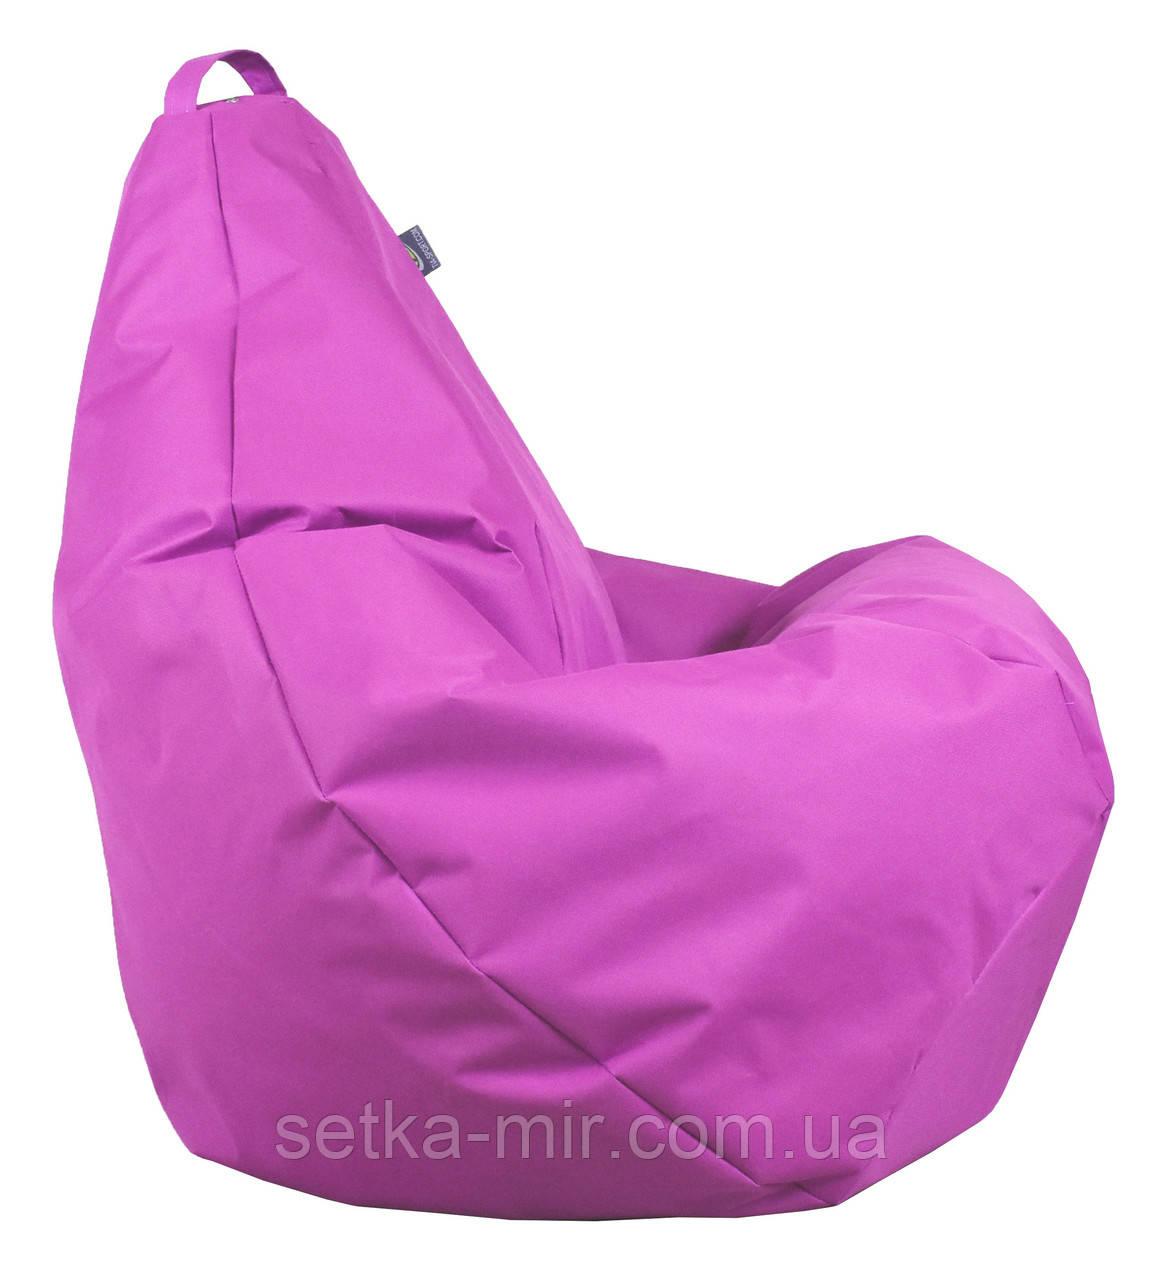 Крісло груша Оксфорд Світло-рожевий